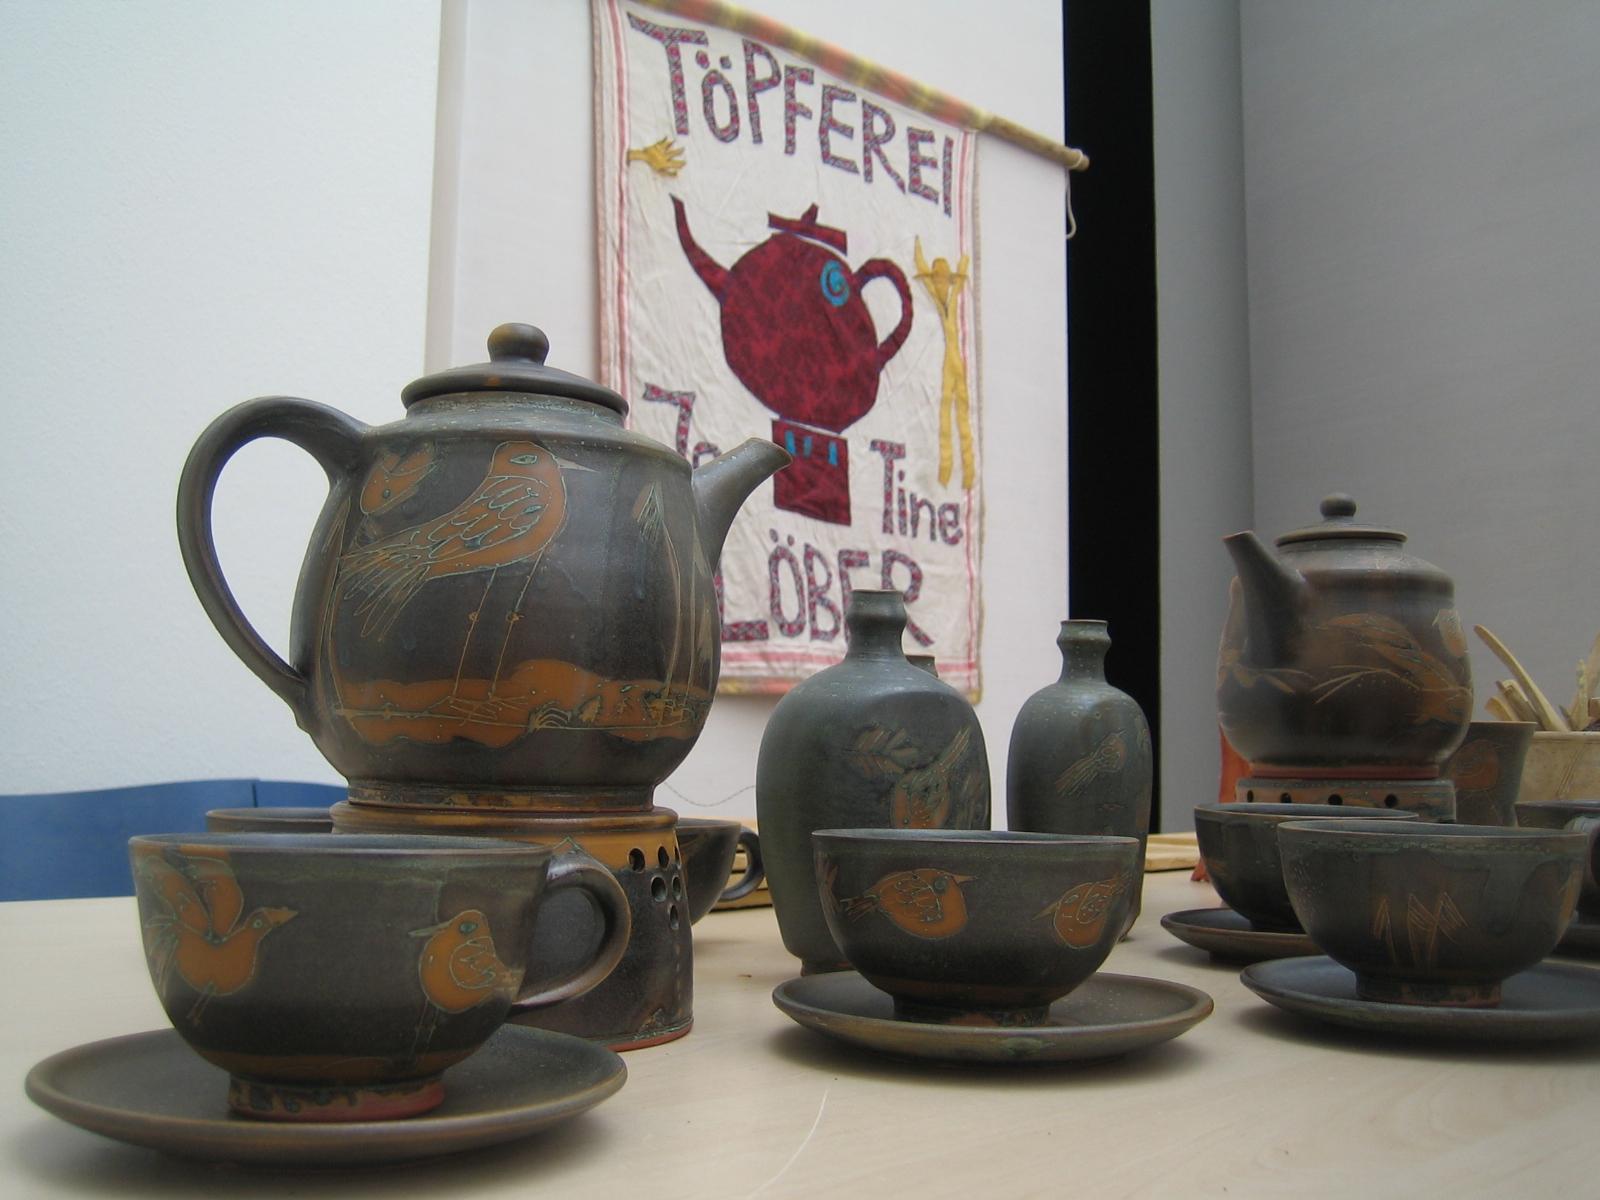 keramikfotos-08winter-und-mathilda-09fruhjahrraps-und-storch-001